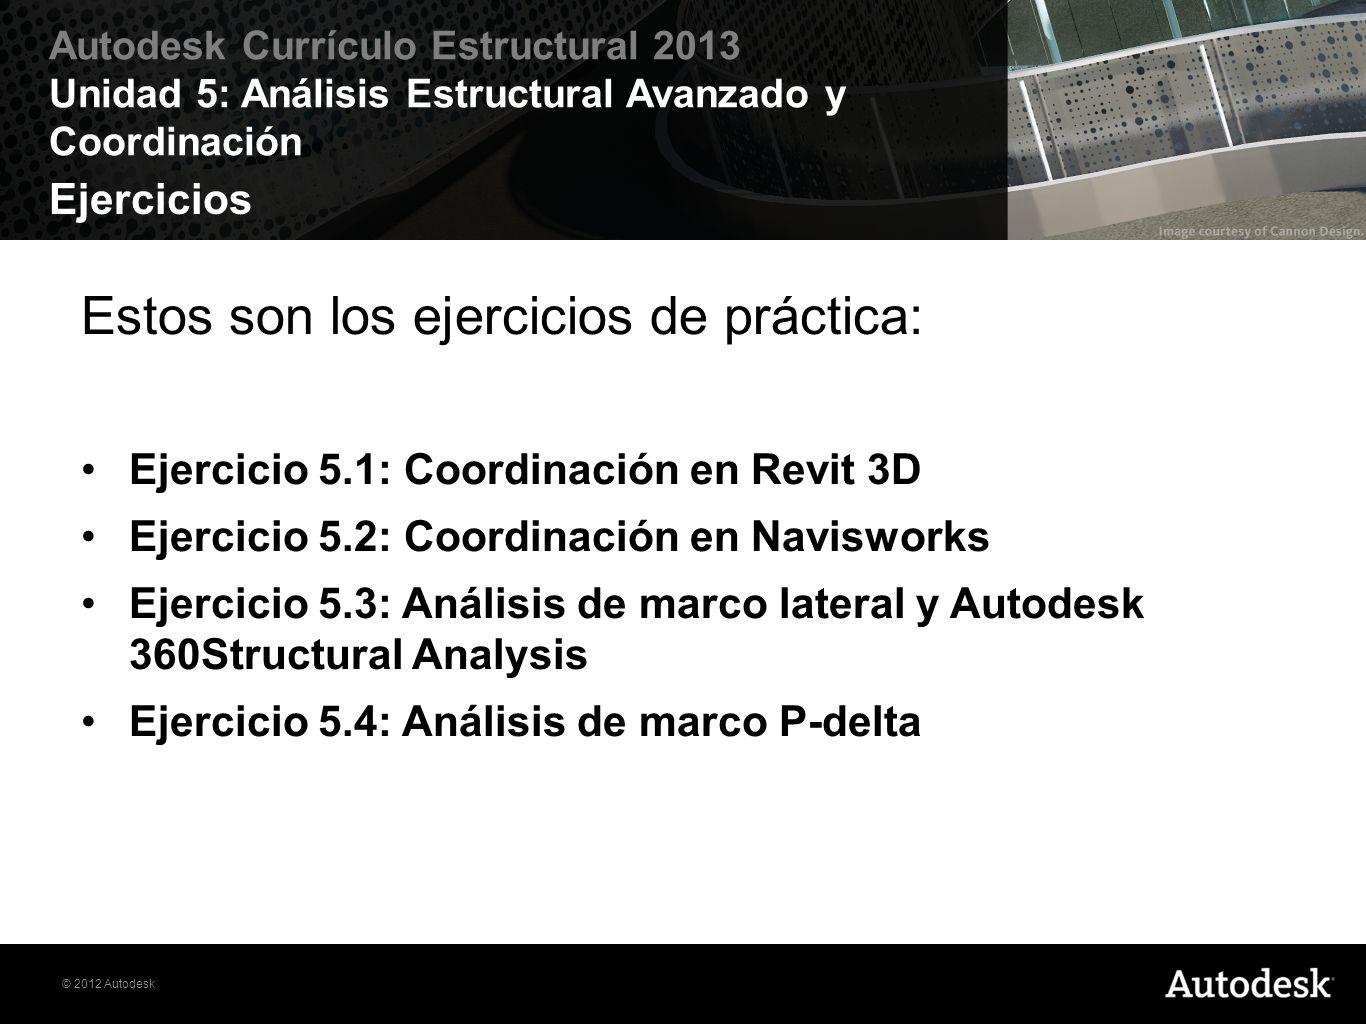 © 2012 Autodesk Autodesk Currículo Estructural 2013 Unidad 5: Análisis Estructural Avanzado y Coordinación Términos Clave Arquitecto Ingeniero Estructural Ingeniero MEP Ingeniero Civil Contratista Subcontratista Propietario